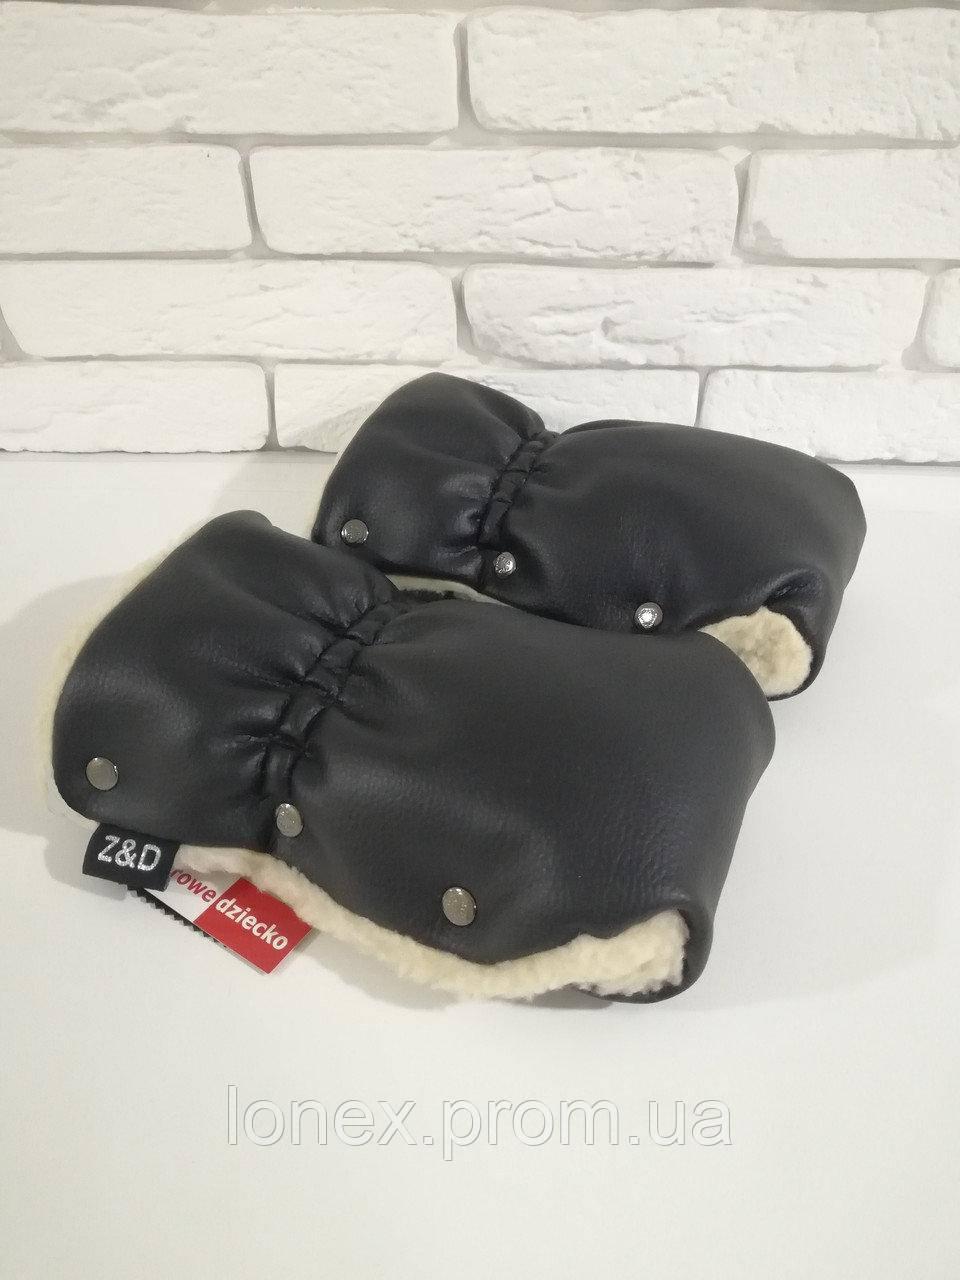 Муфти-рукавички  Z&D  еко кожа